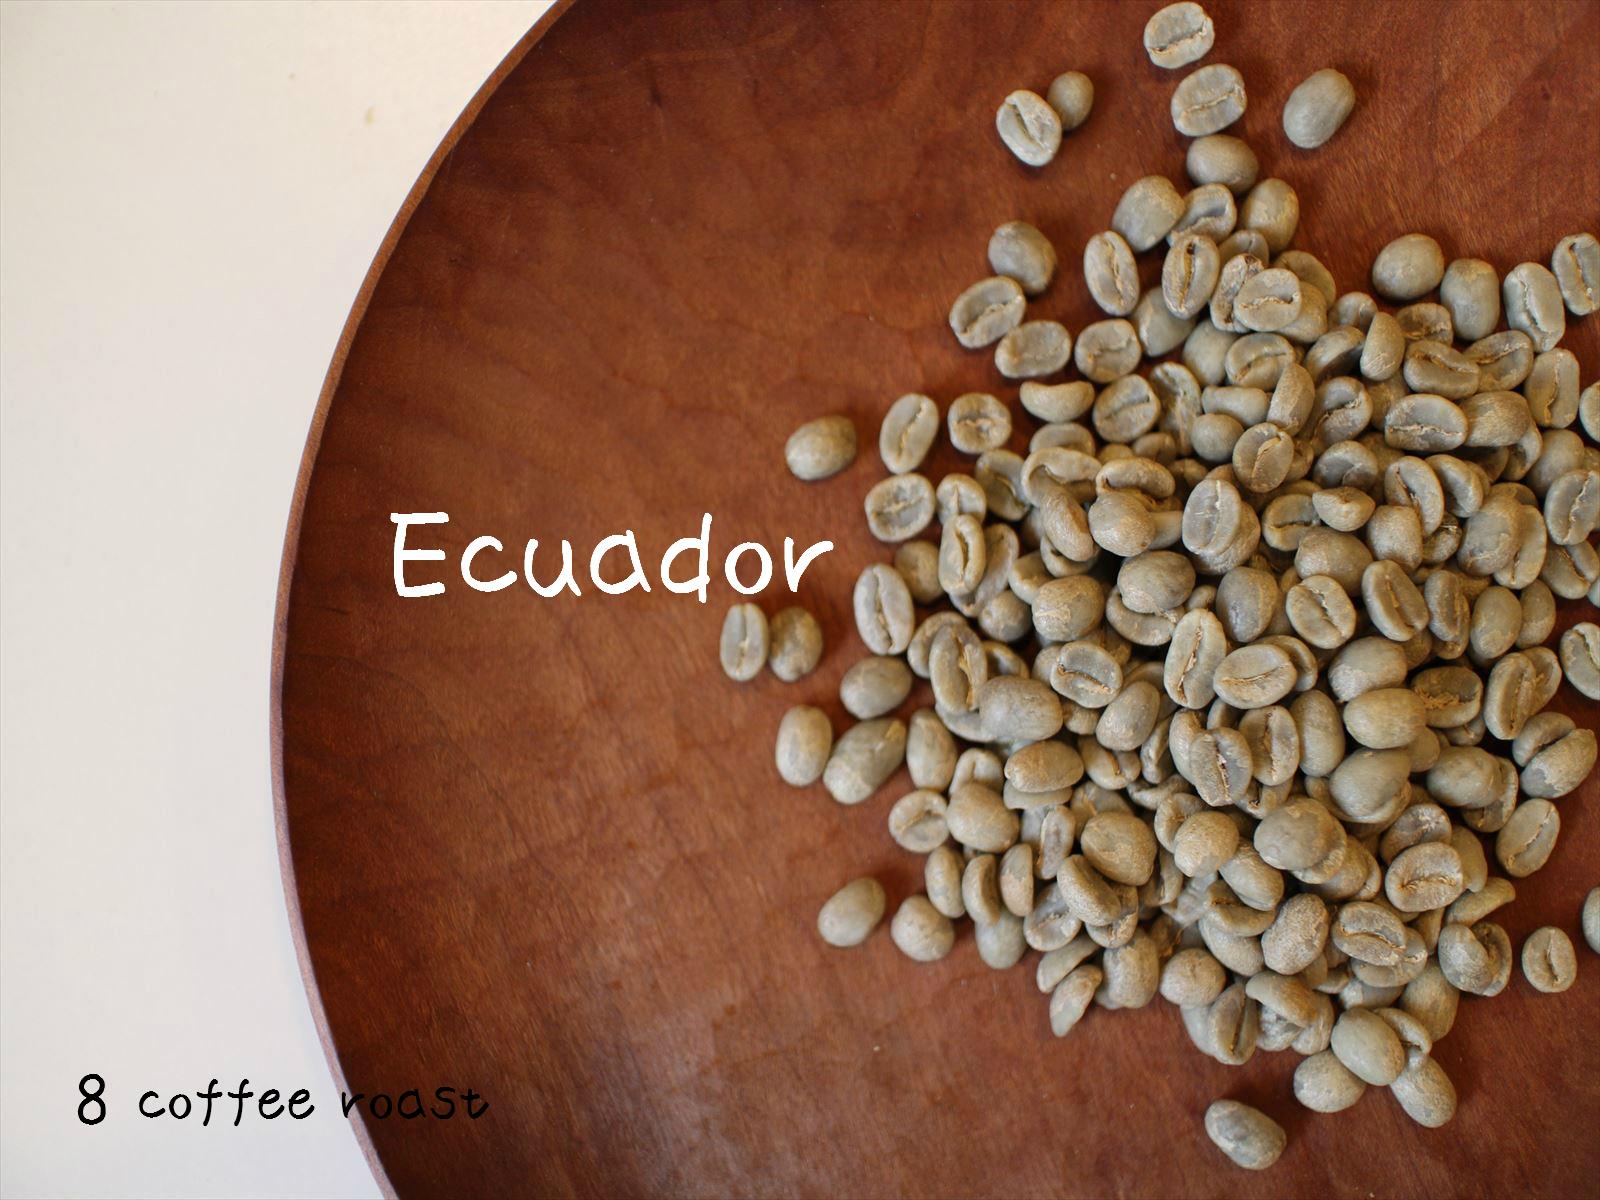 コーヒー生豆 エクアドル 推奨 グレートマウンテン 内容量 50g 正規取扱店